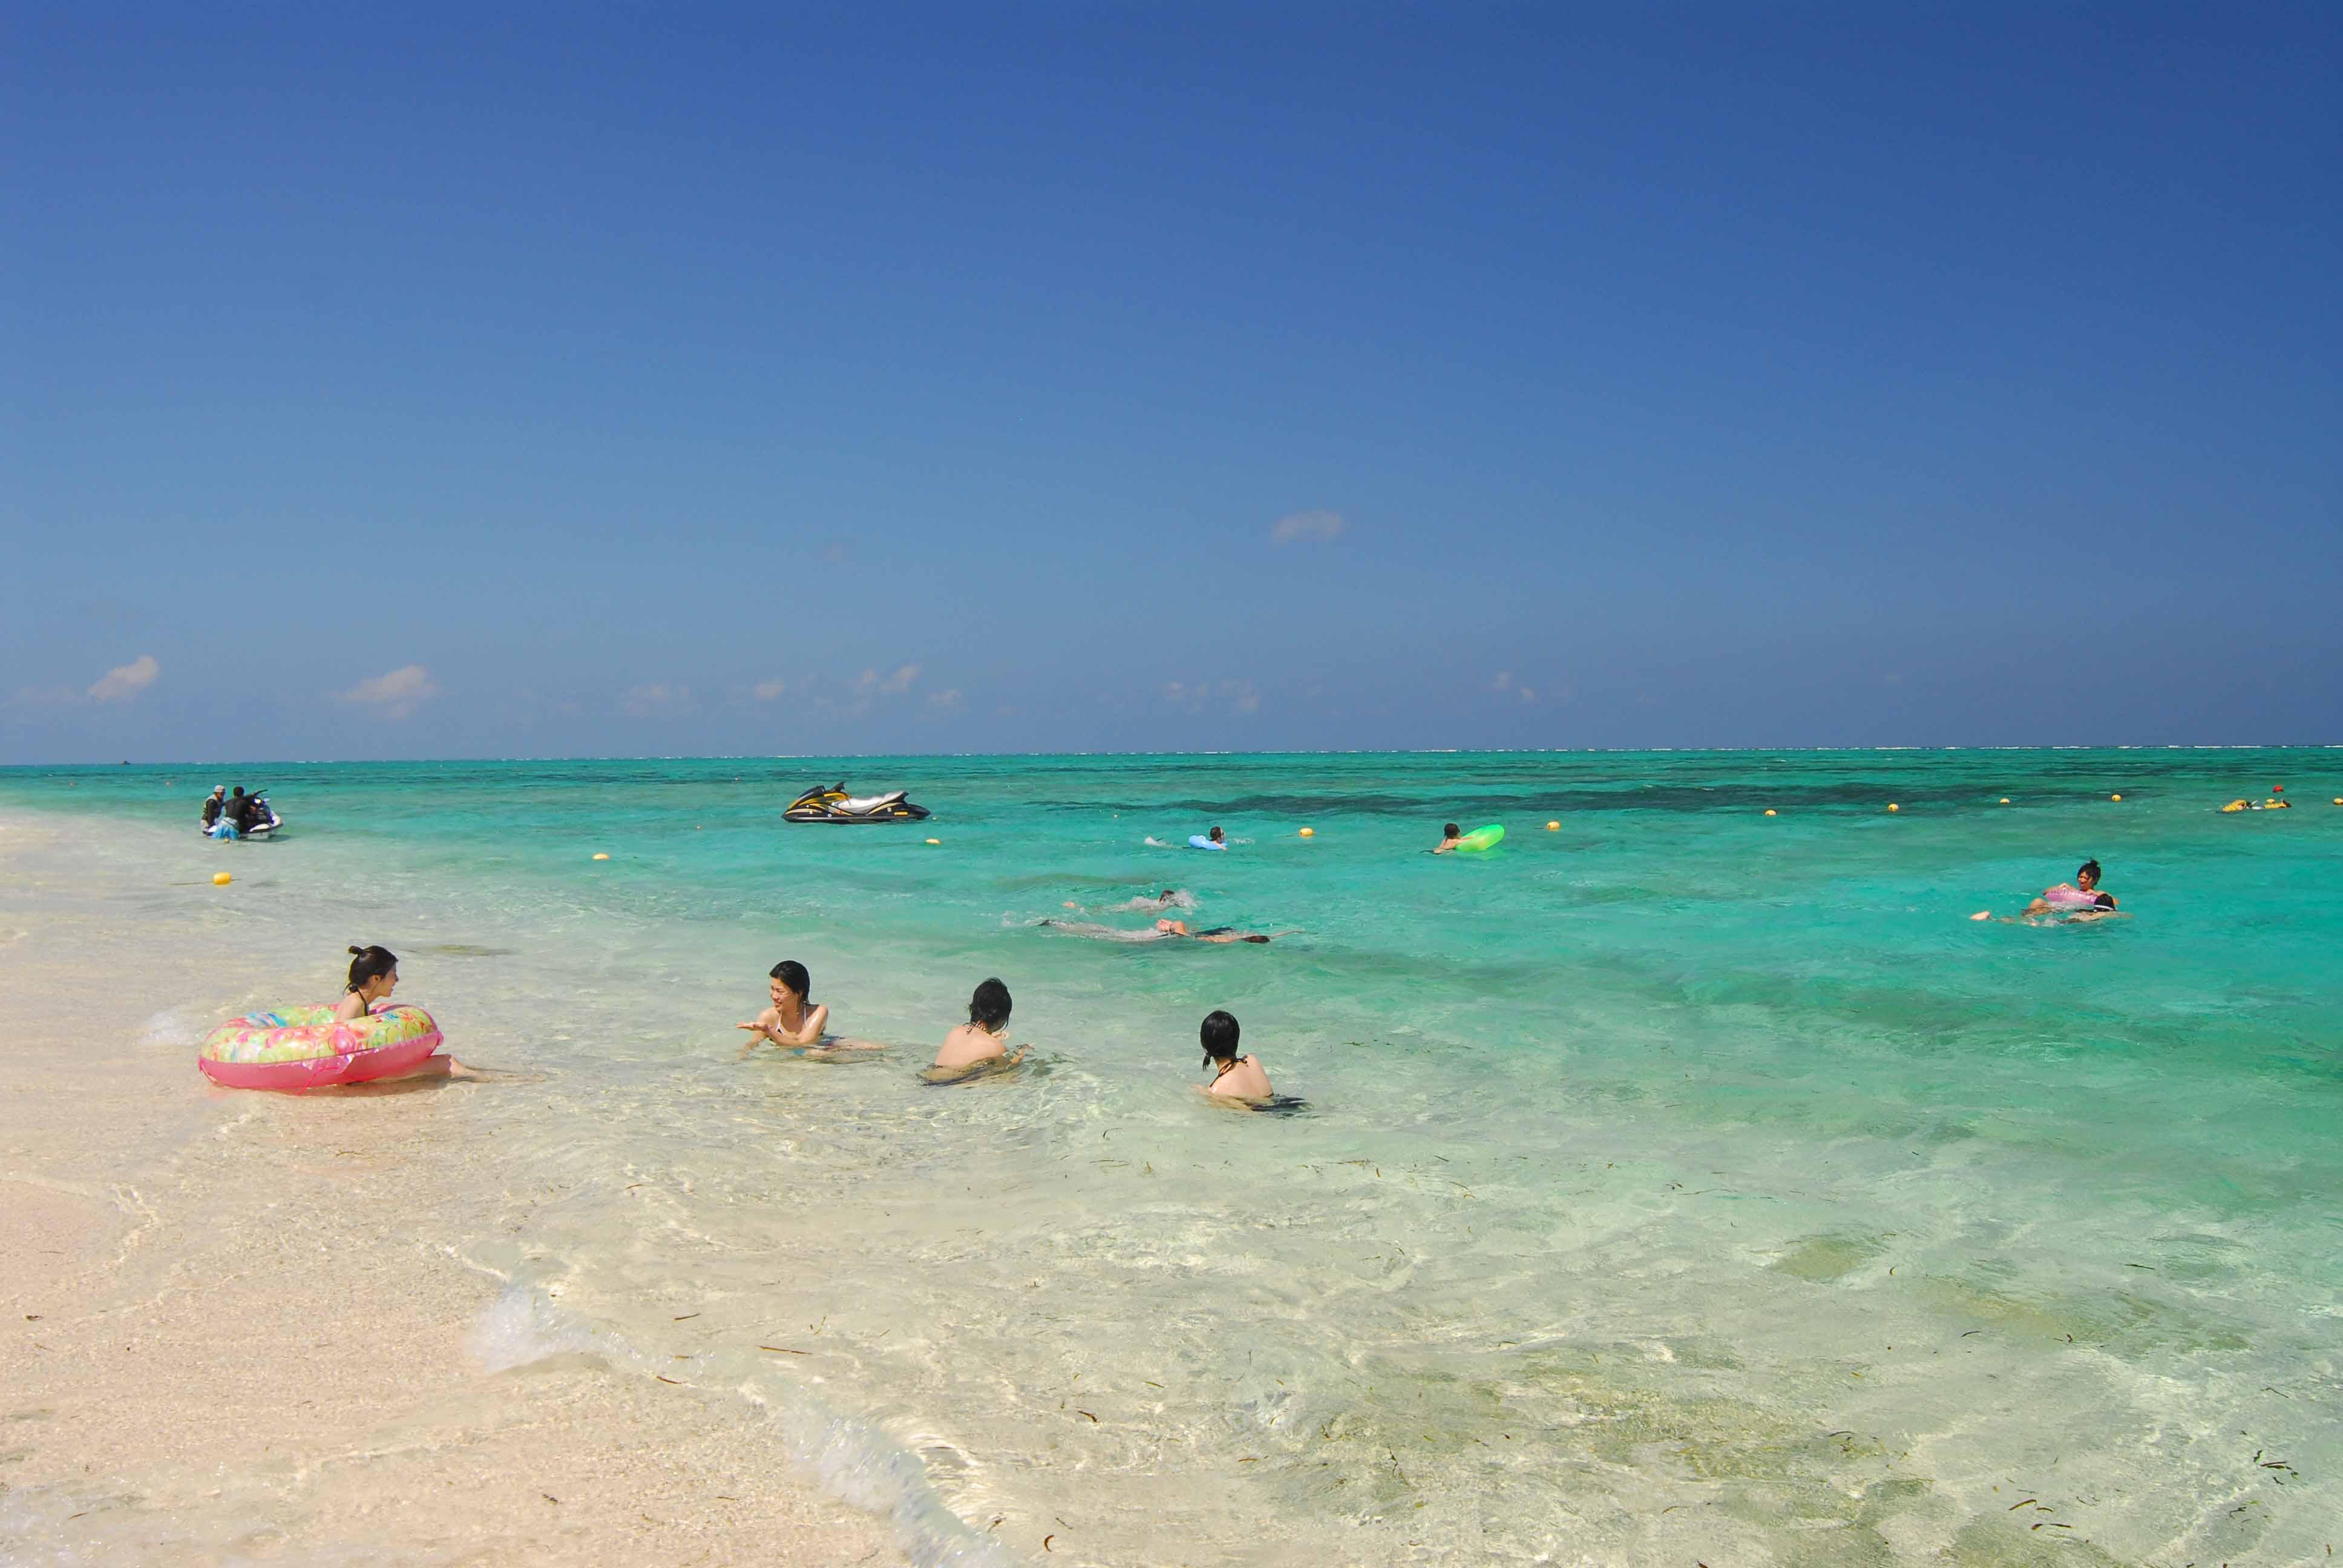 ナガンヌ島日帰り海水浴